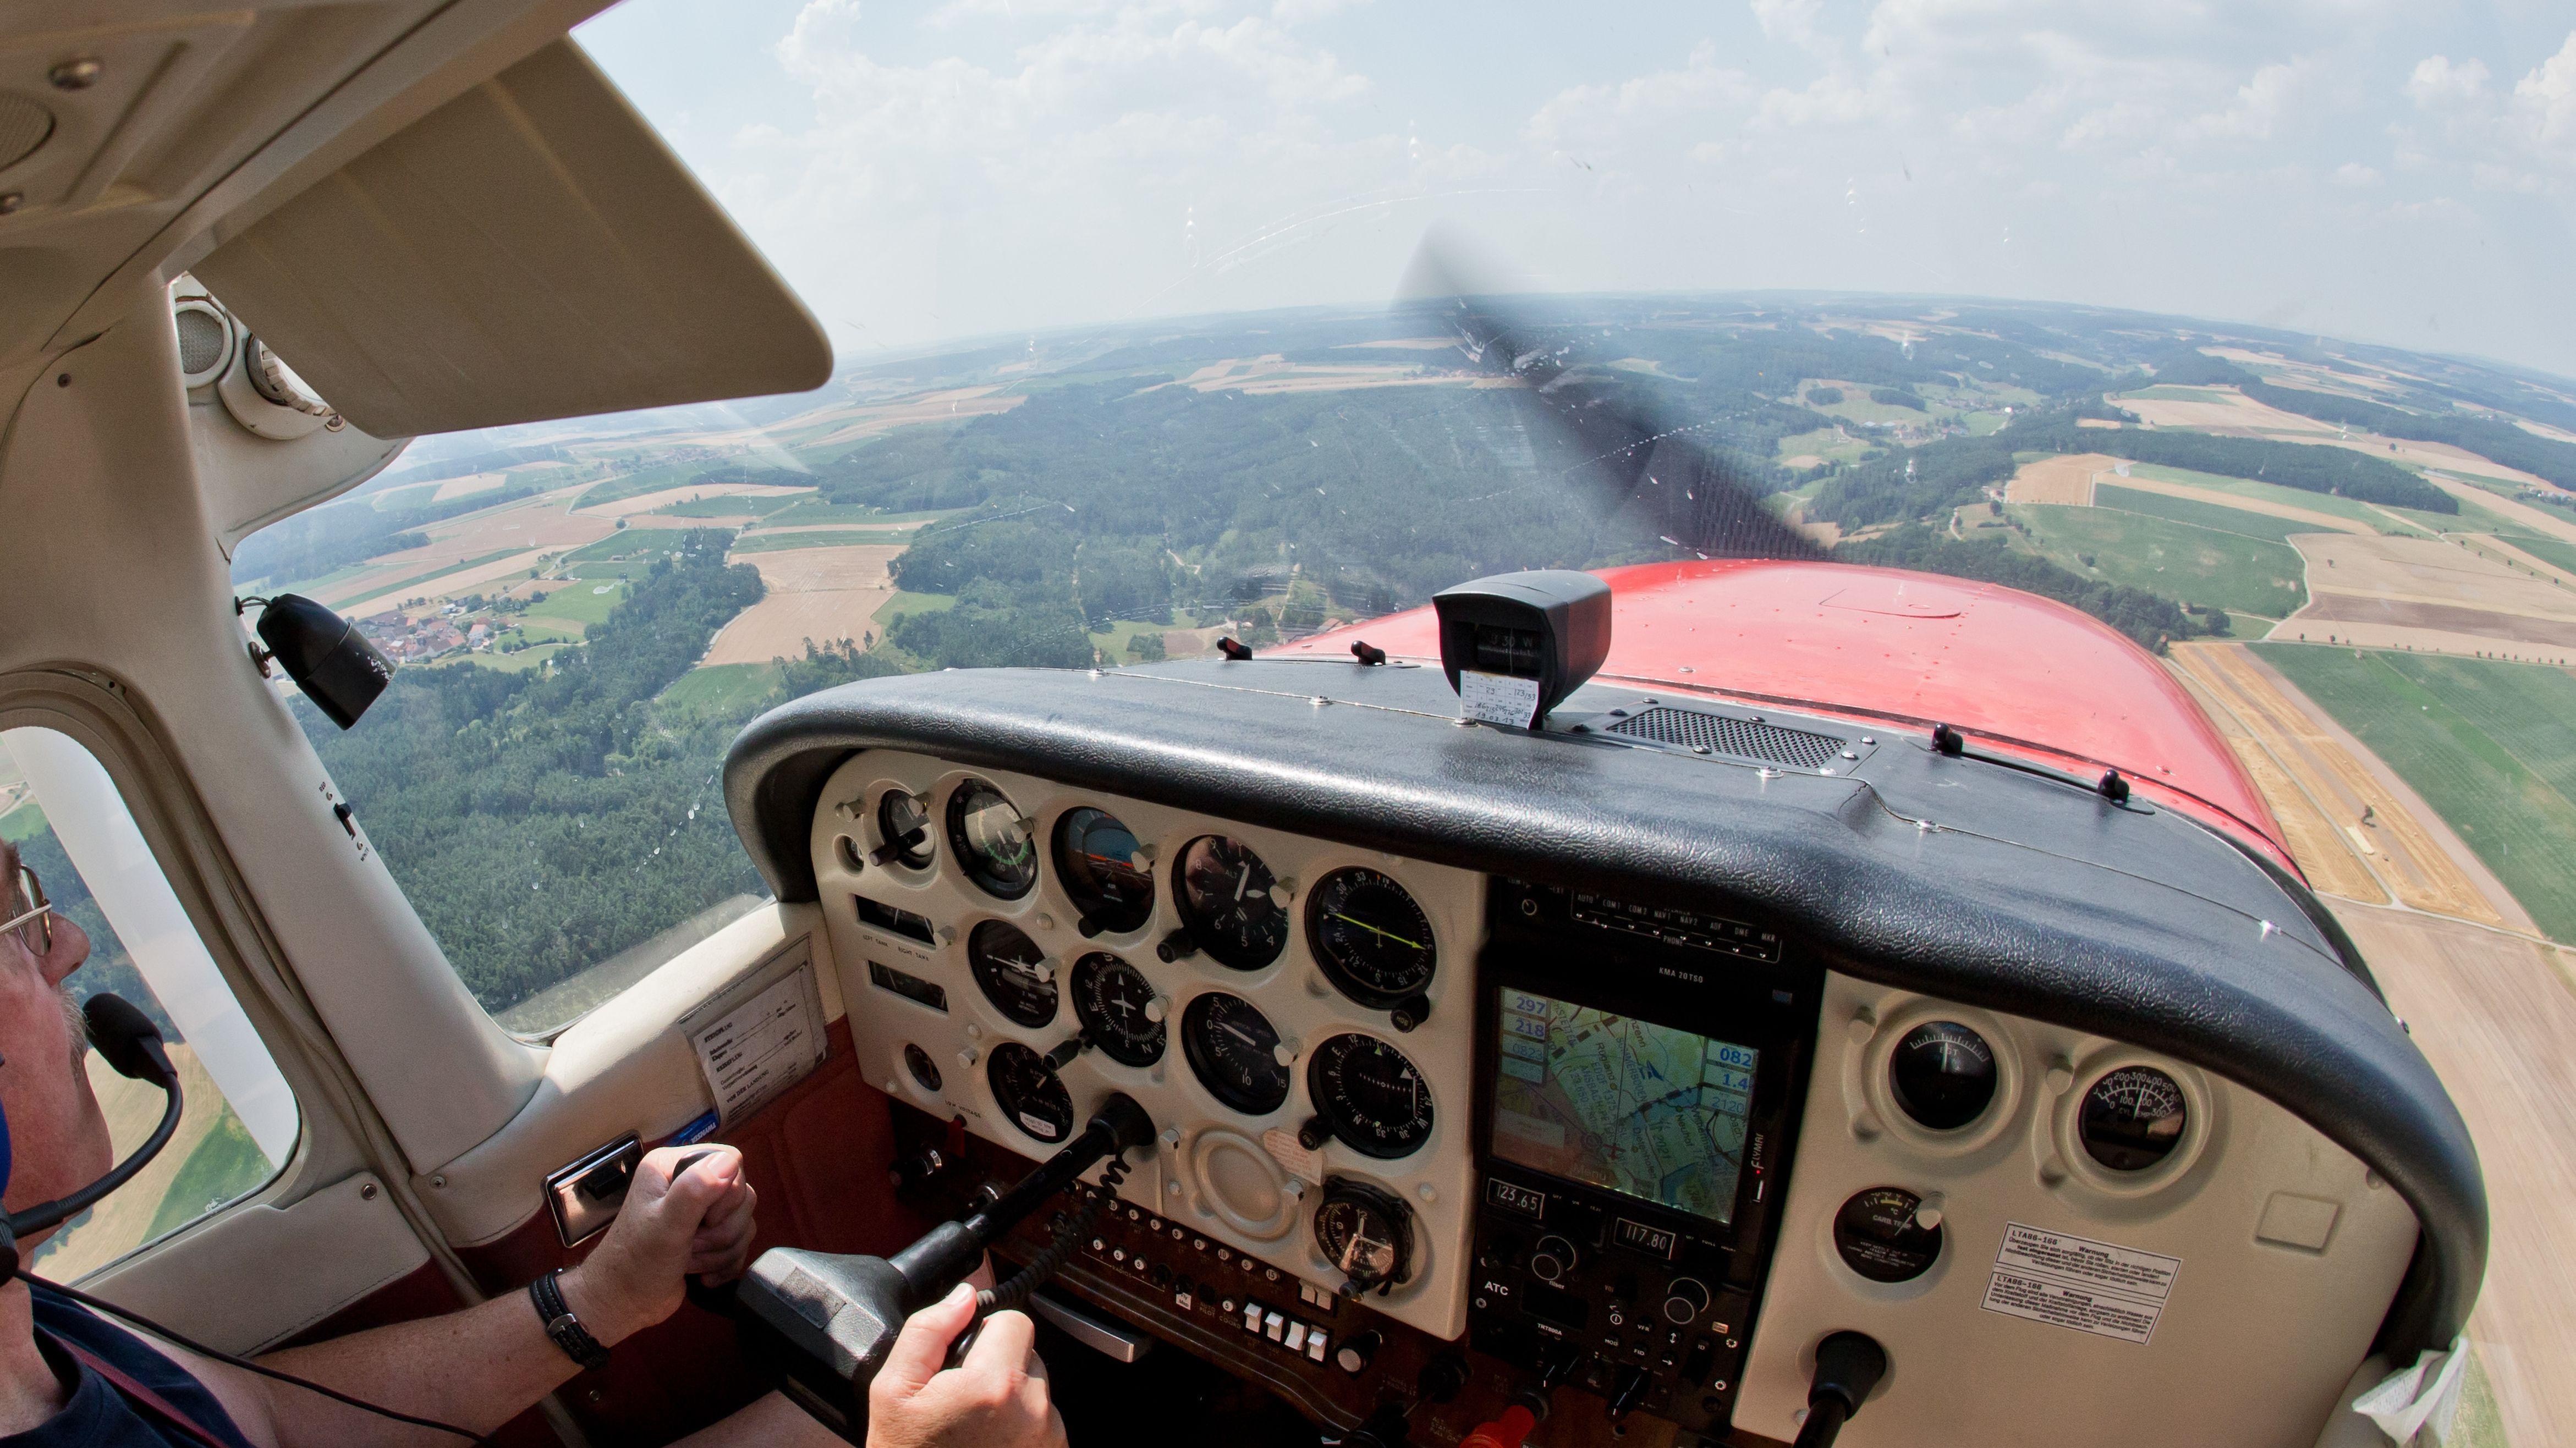 Flugzeug der Flugbereitschaft auf einem Beobachtungsflug wegen Waldbrandgefahr